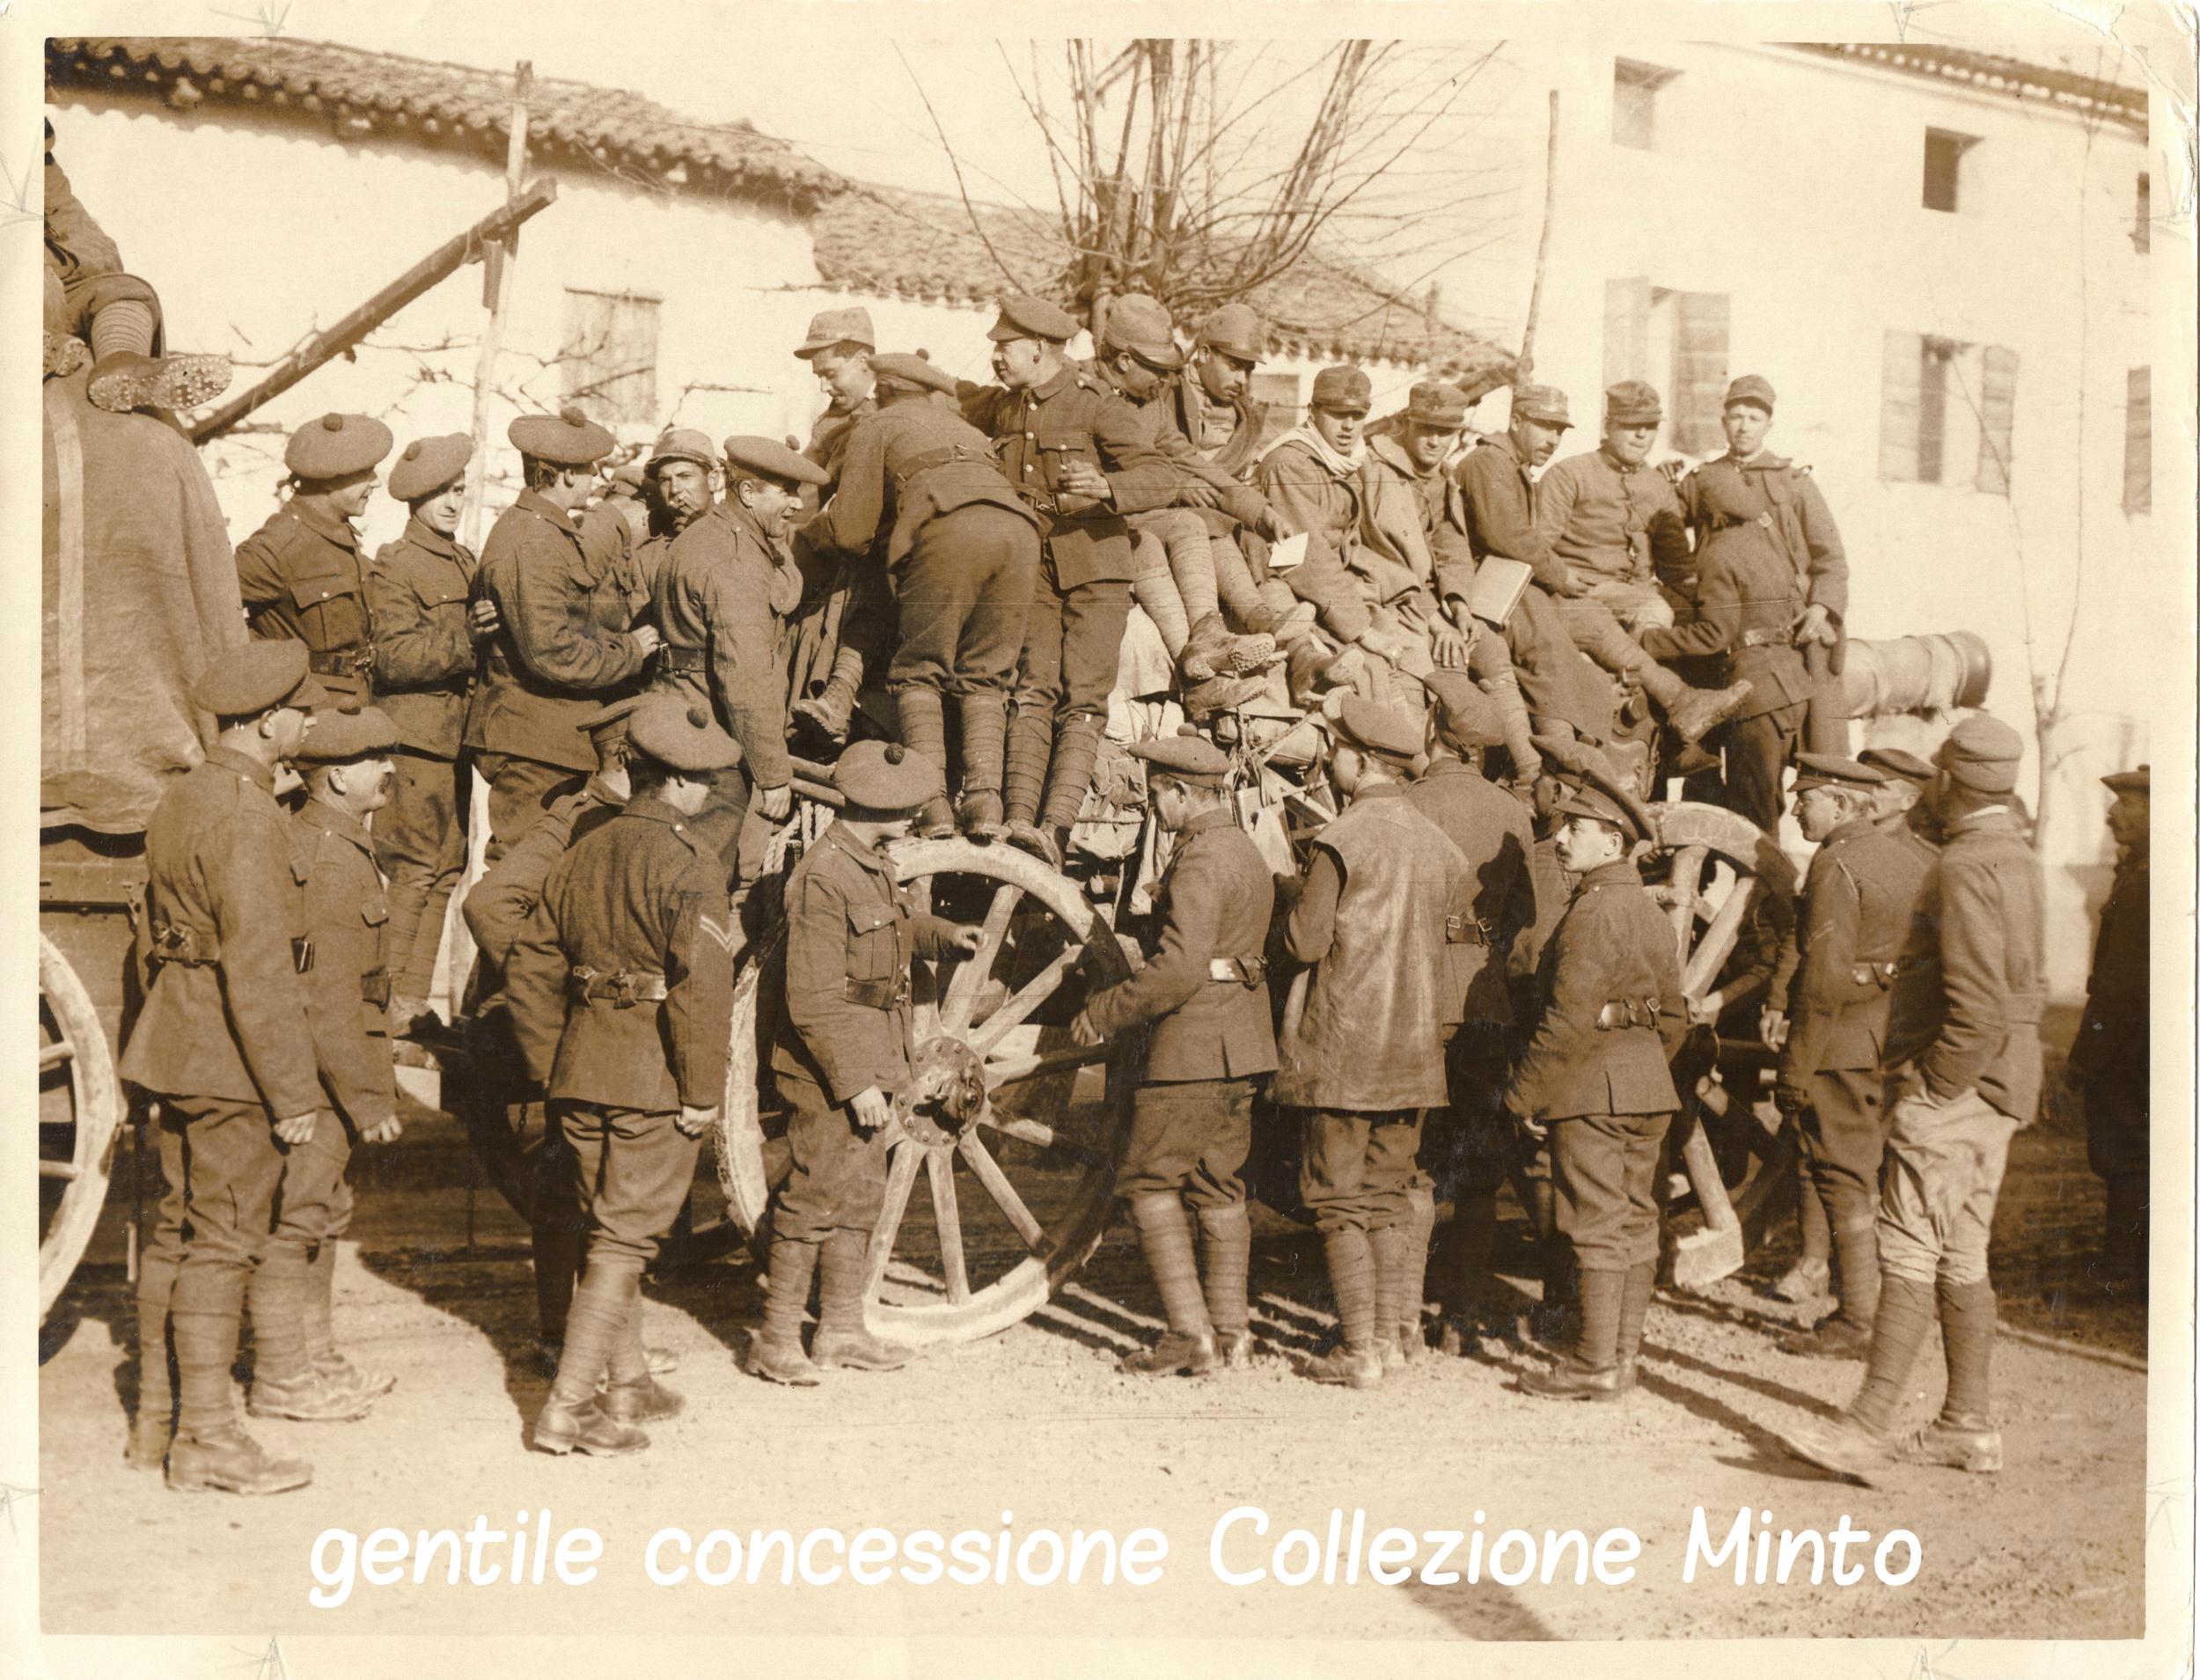 Soldati italiani e britannici posano per una foto ricordo sull'affusto di un pezzo di artiglieria di grosso calibro